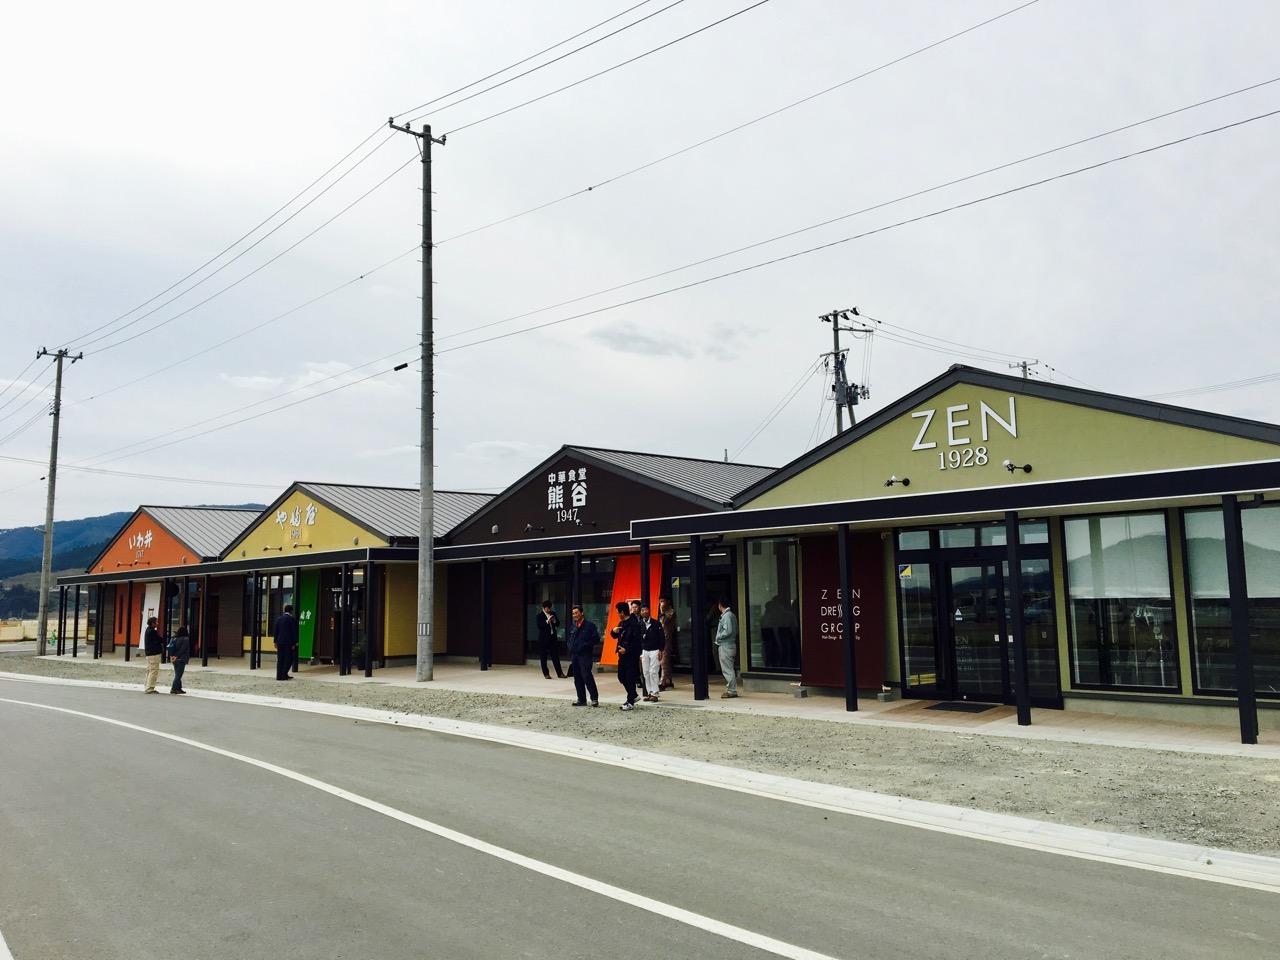 陸前高田市のかさ上げ市街地が盛り上がってまいりました